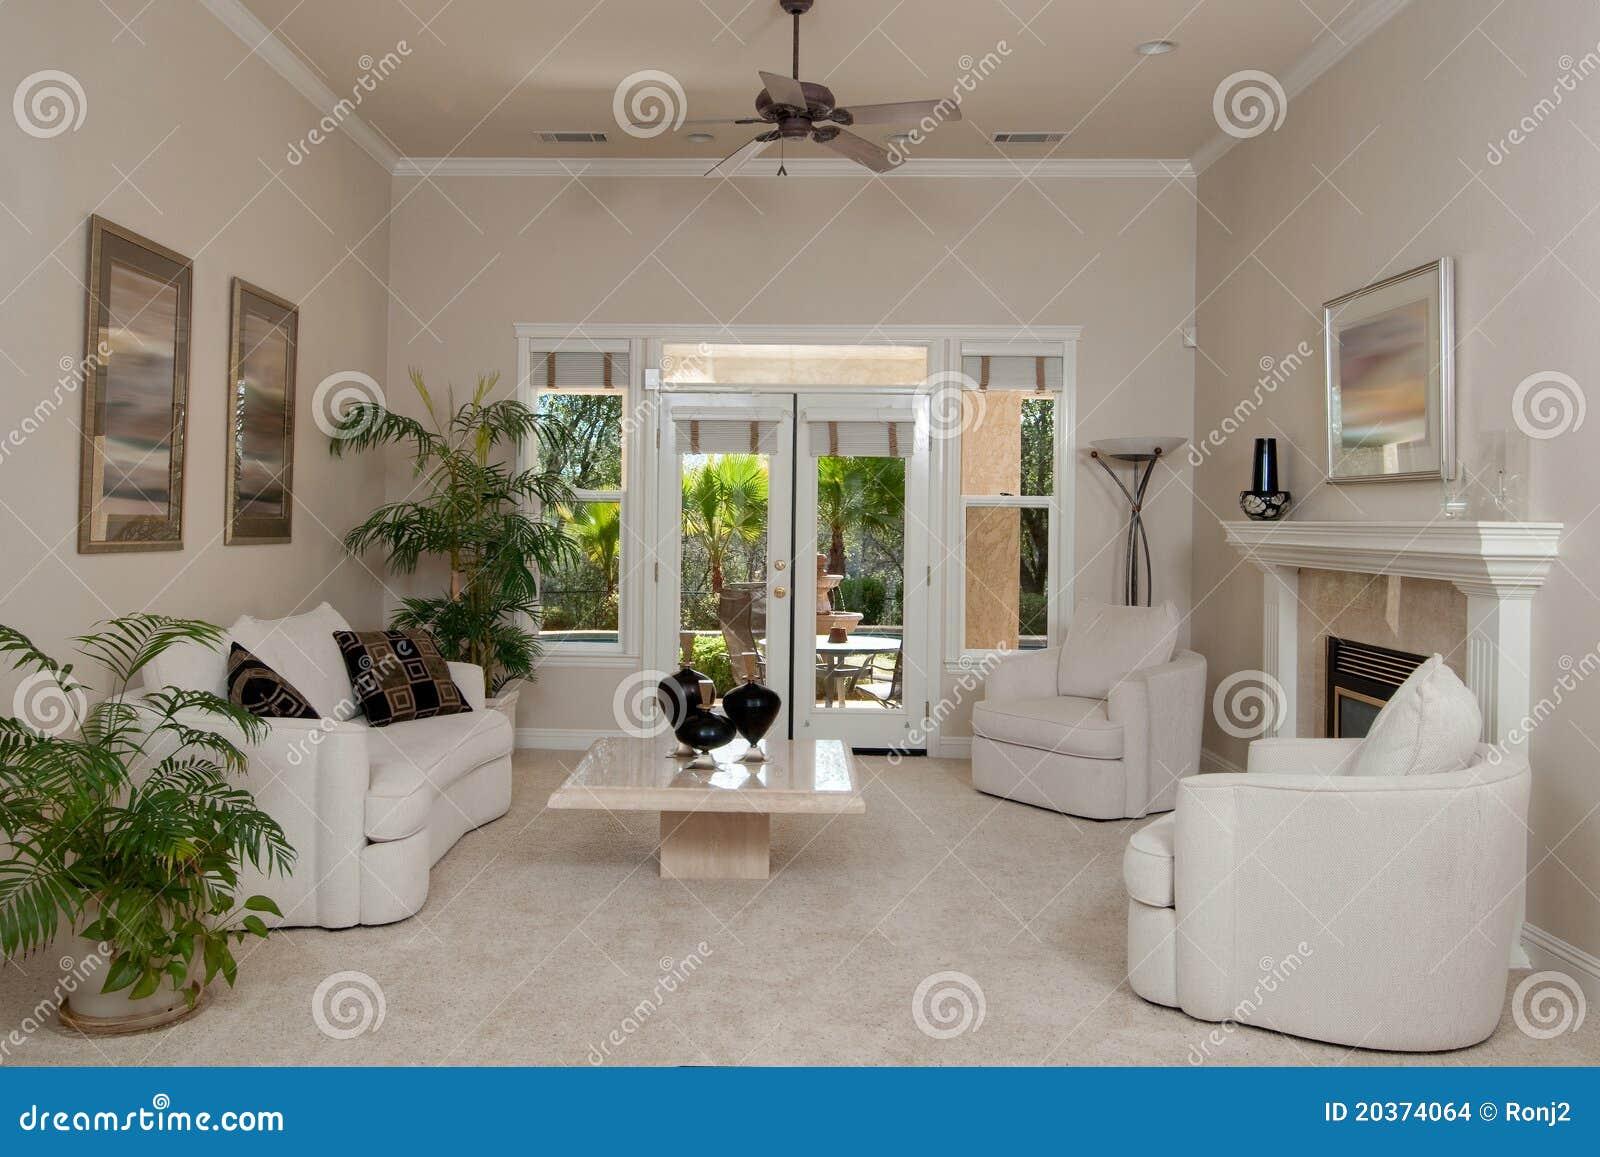 kleines wohnzimmer stockfoto bild von haupt geschnitten 20374064. Black Bedroom Furniture Sets. Home Design Ideas